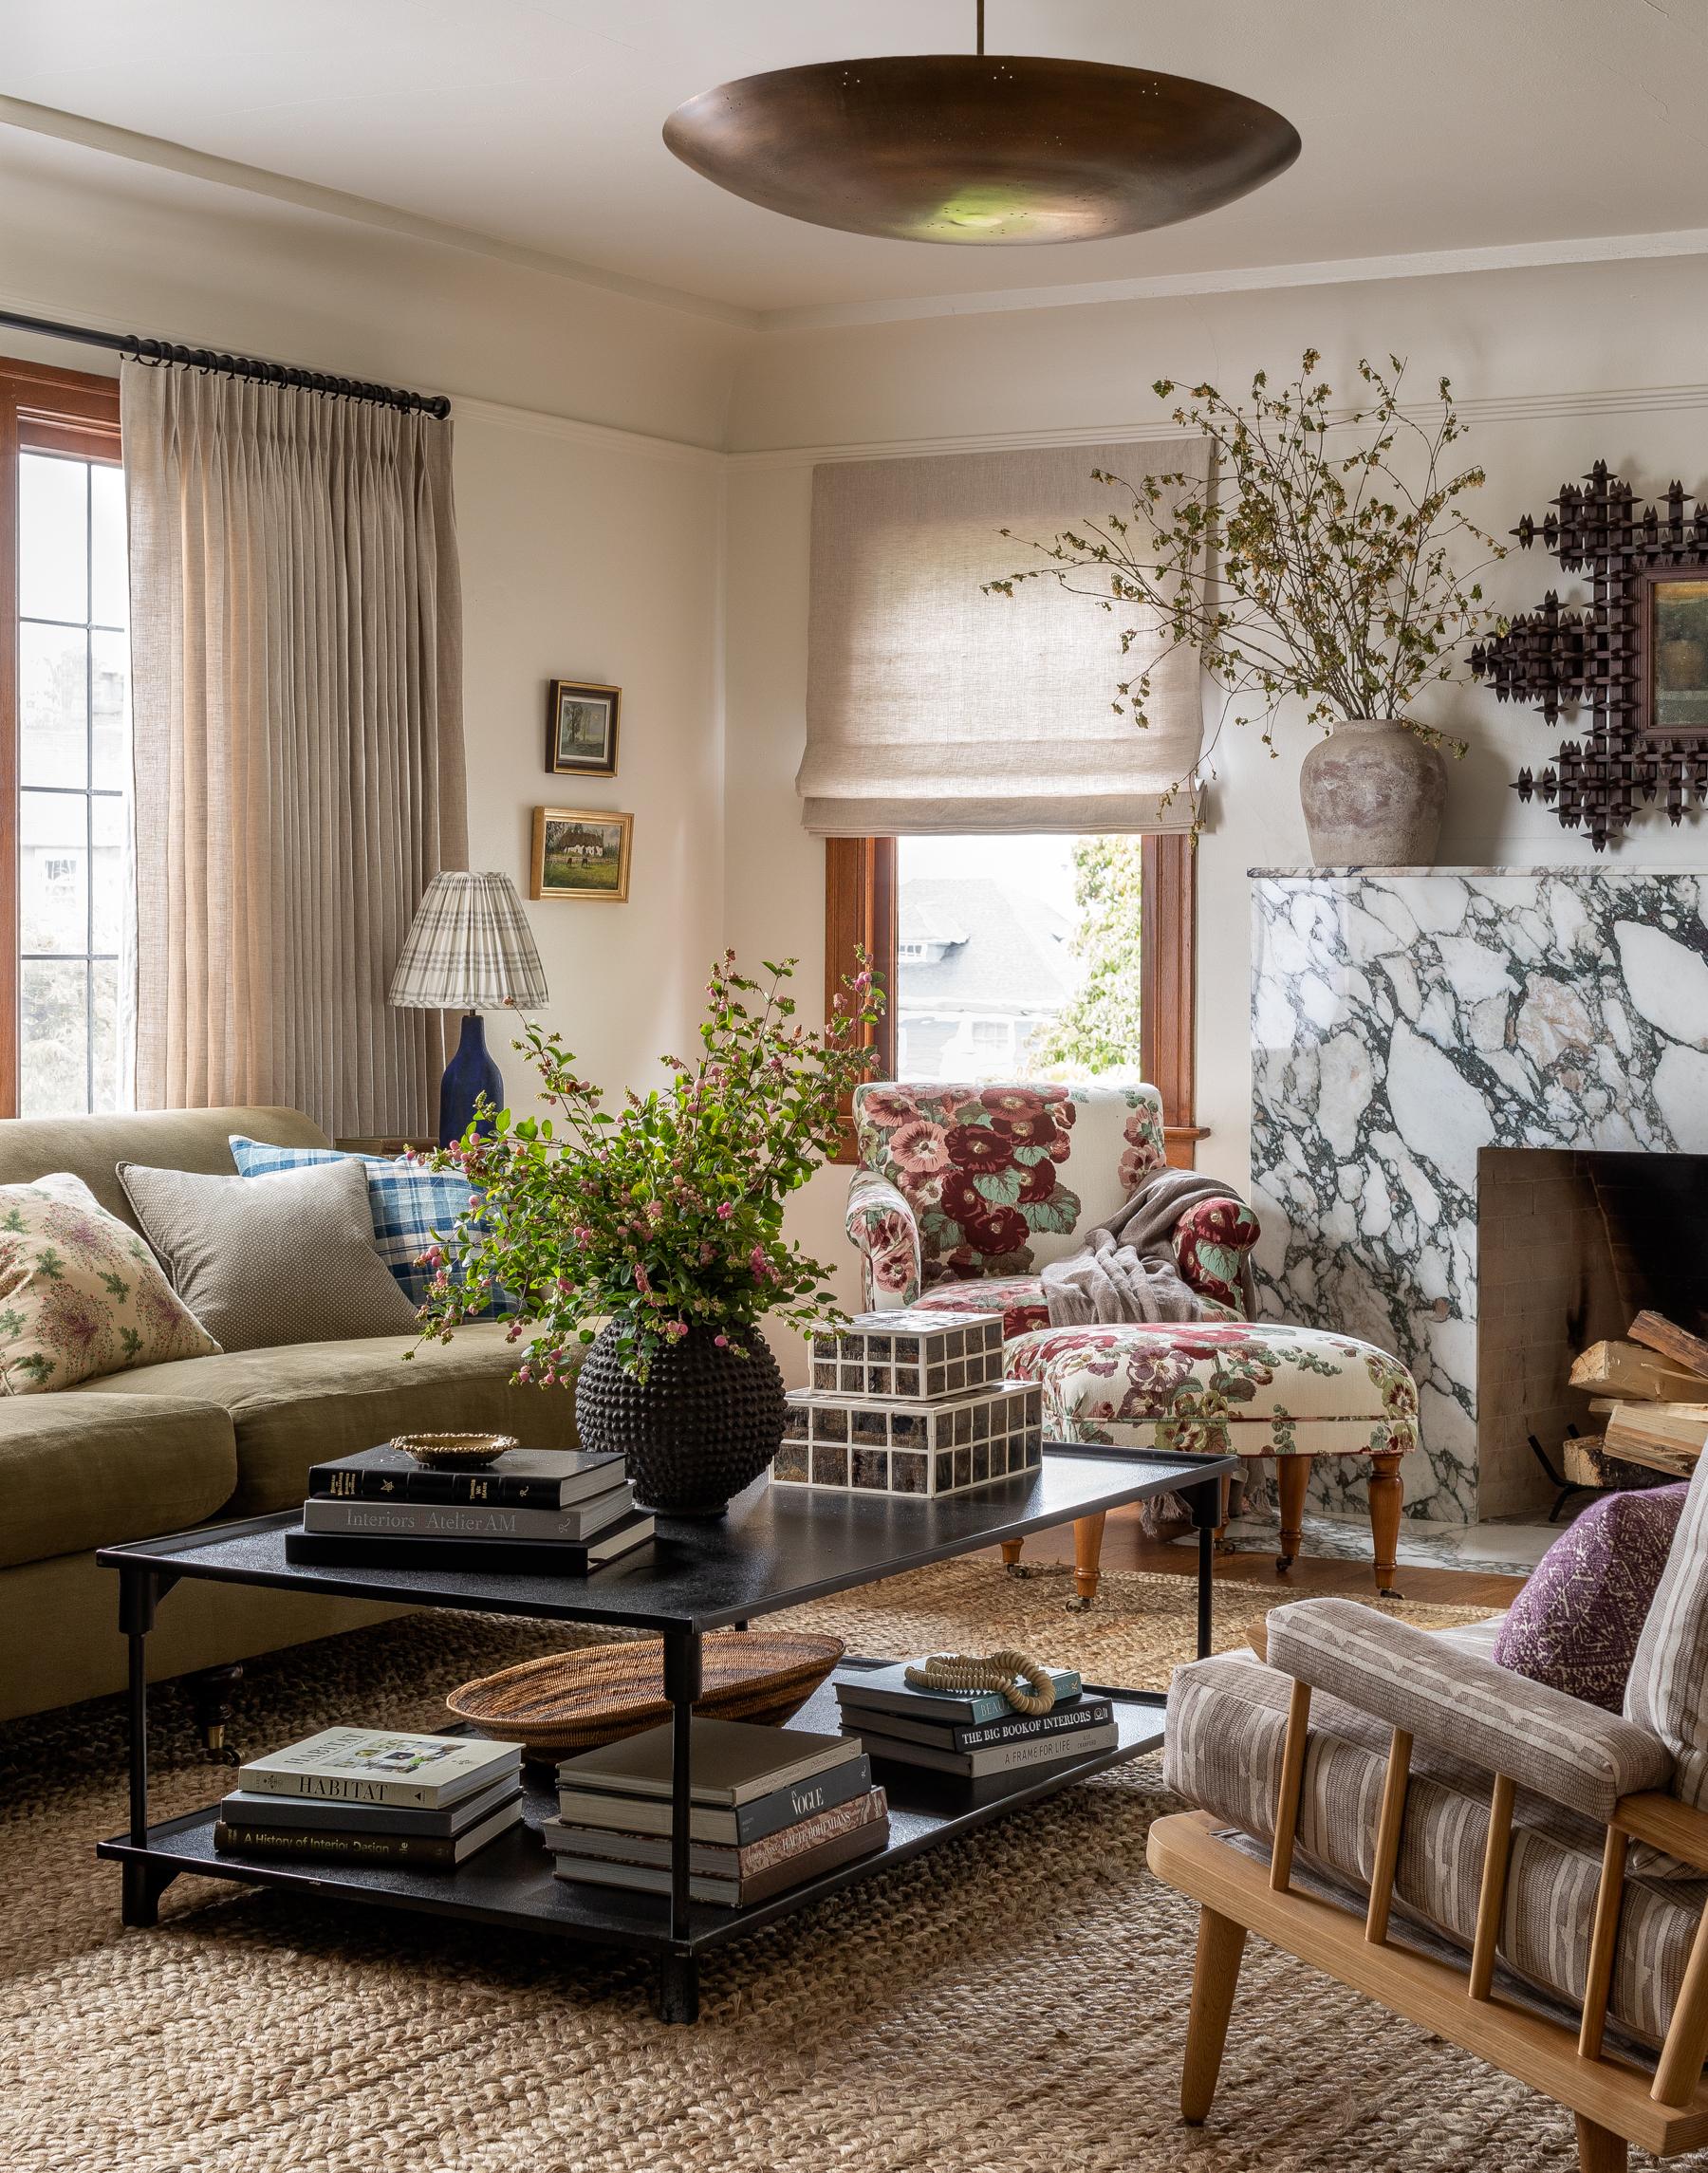 Papier Peint Style Atelier visite de la maison :: cette maison de seattle avec des